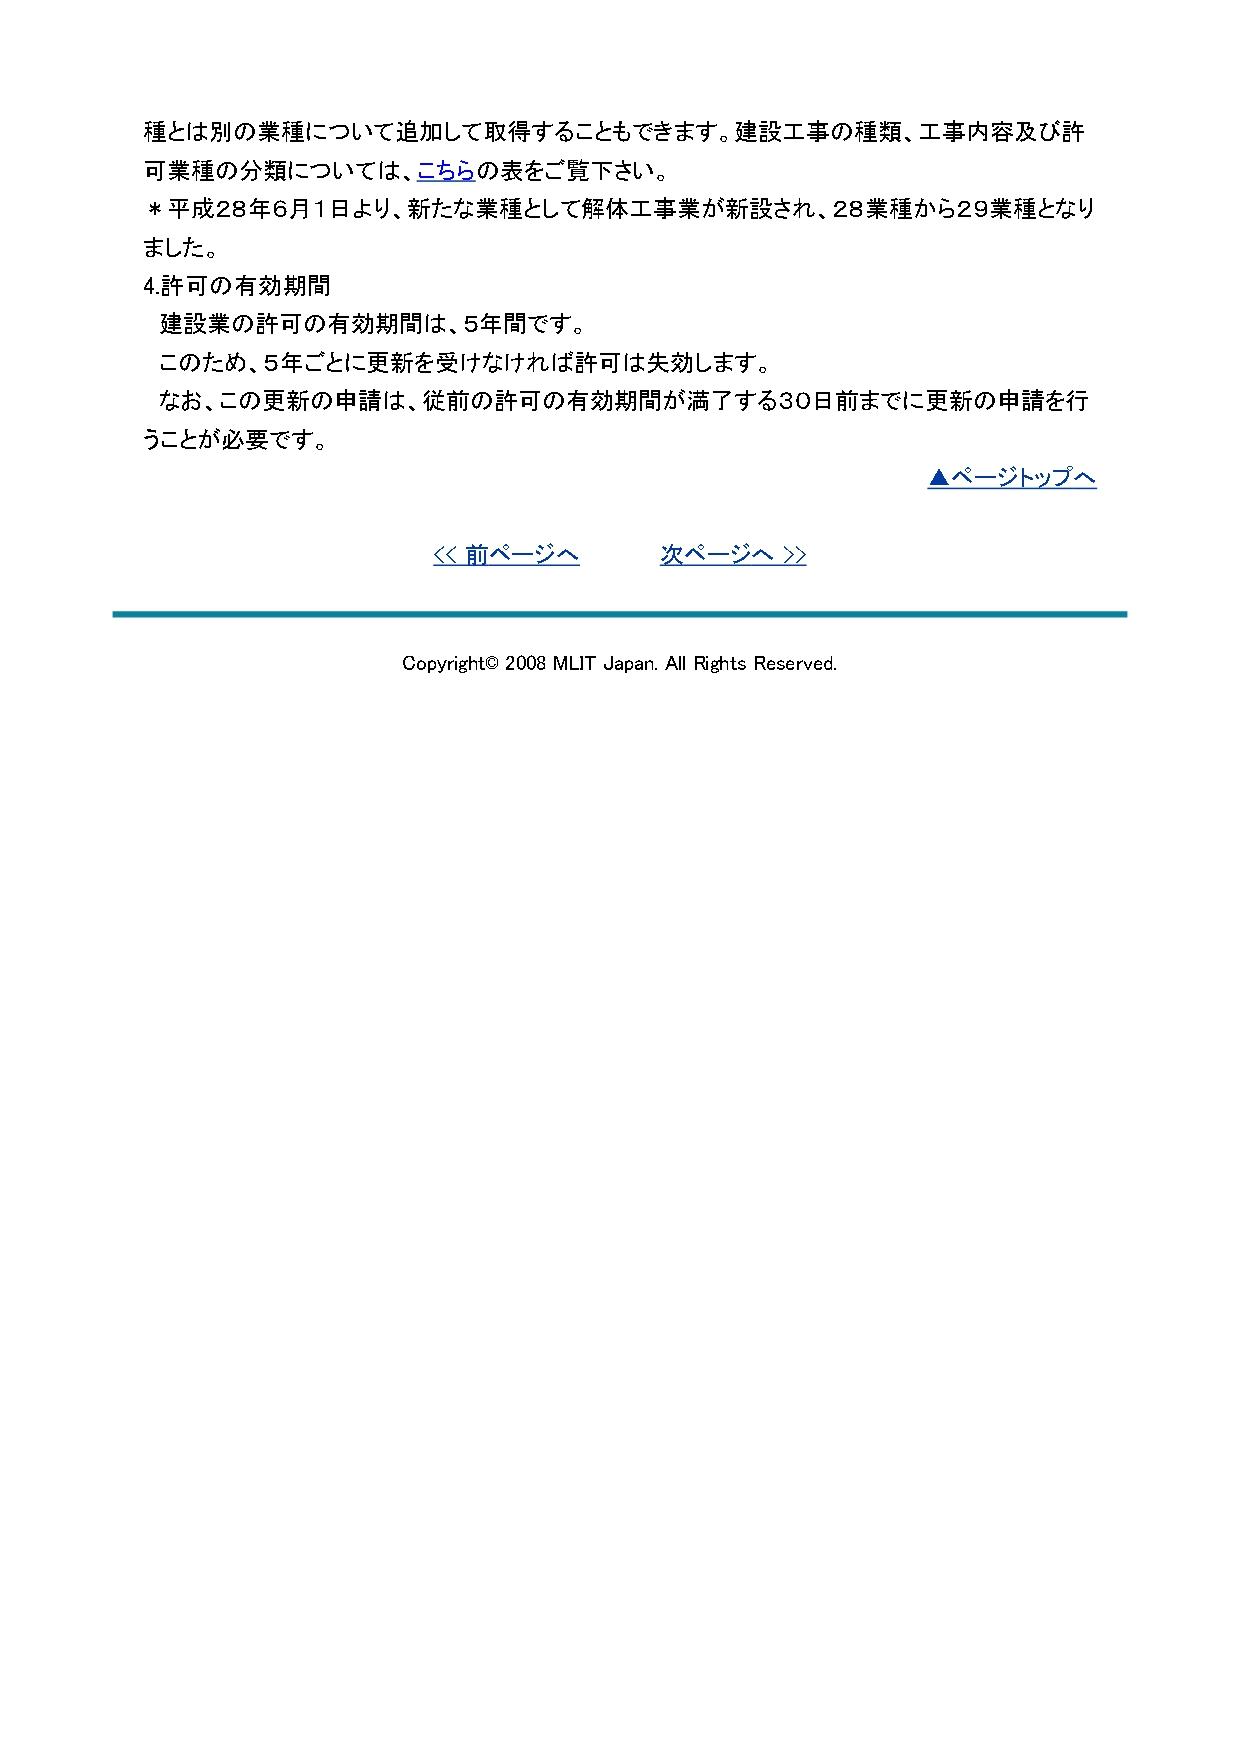 蟒コ險ュ讌ュ險ア蜿ッ縺ォ縺、縺・※_page-0003